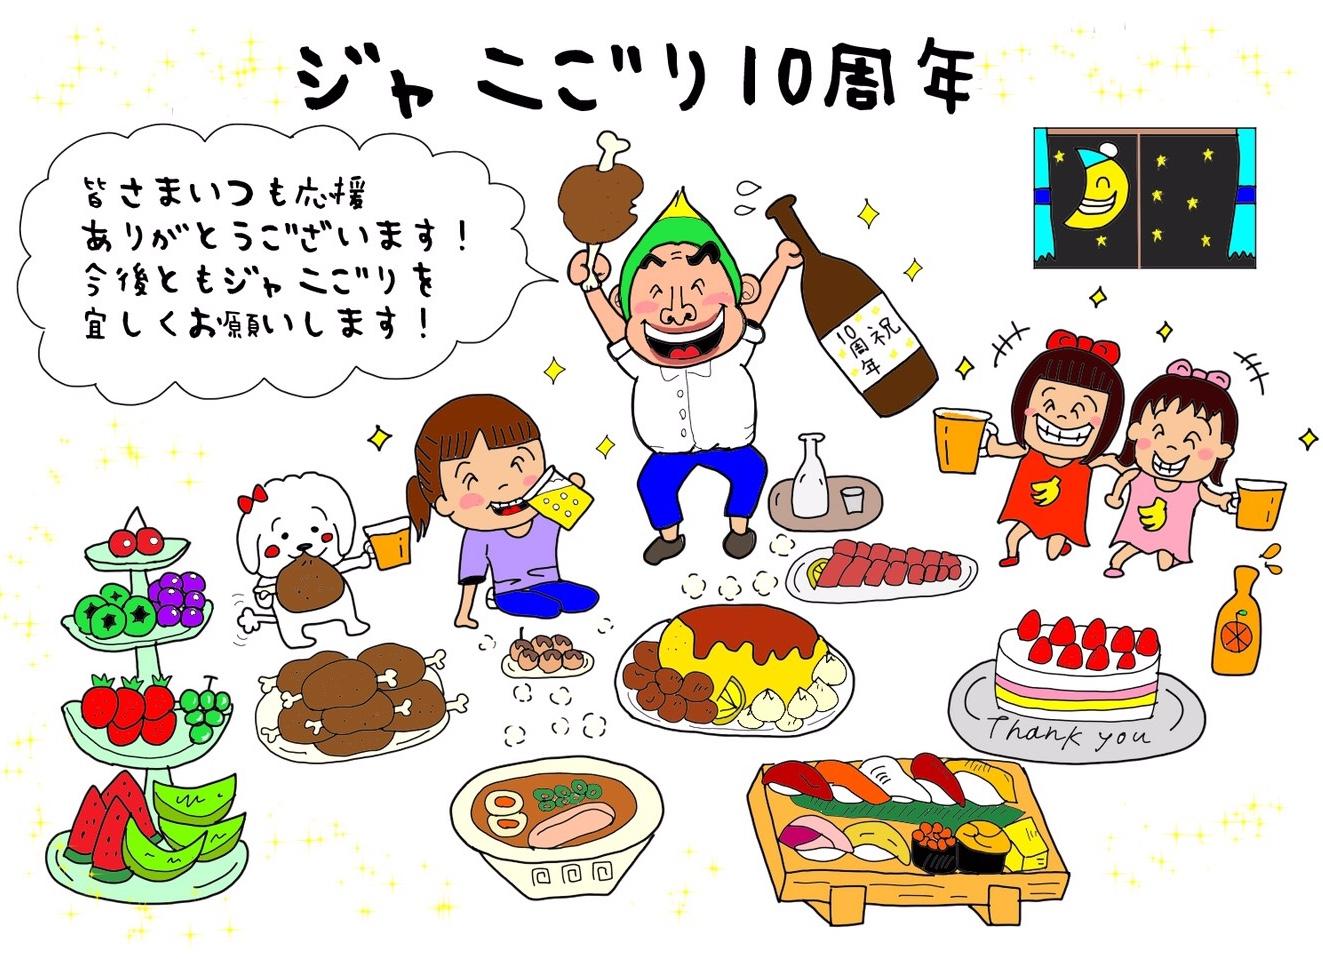 ジャニごり日記10周年☆